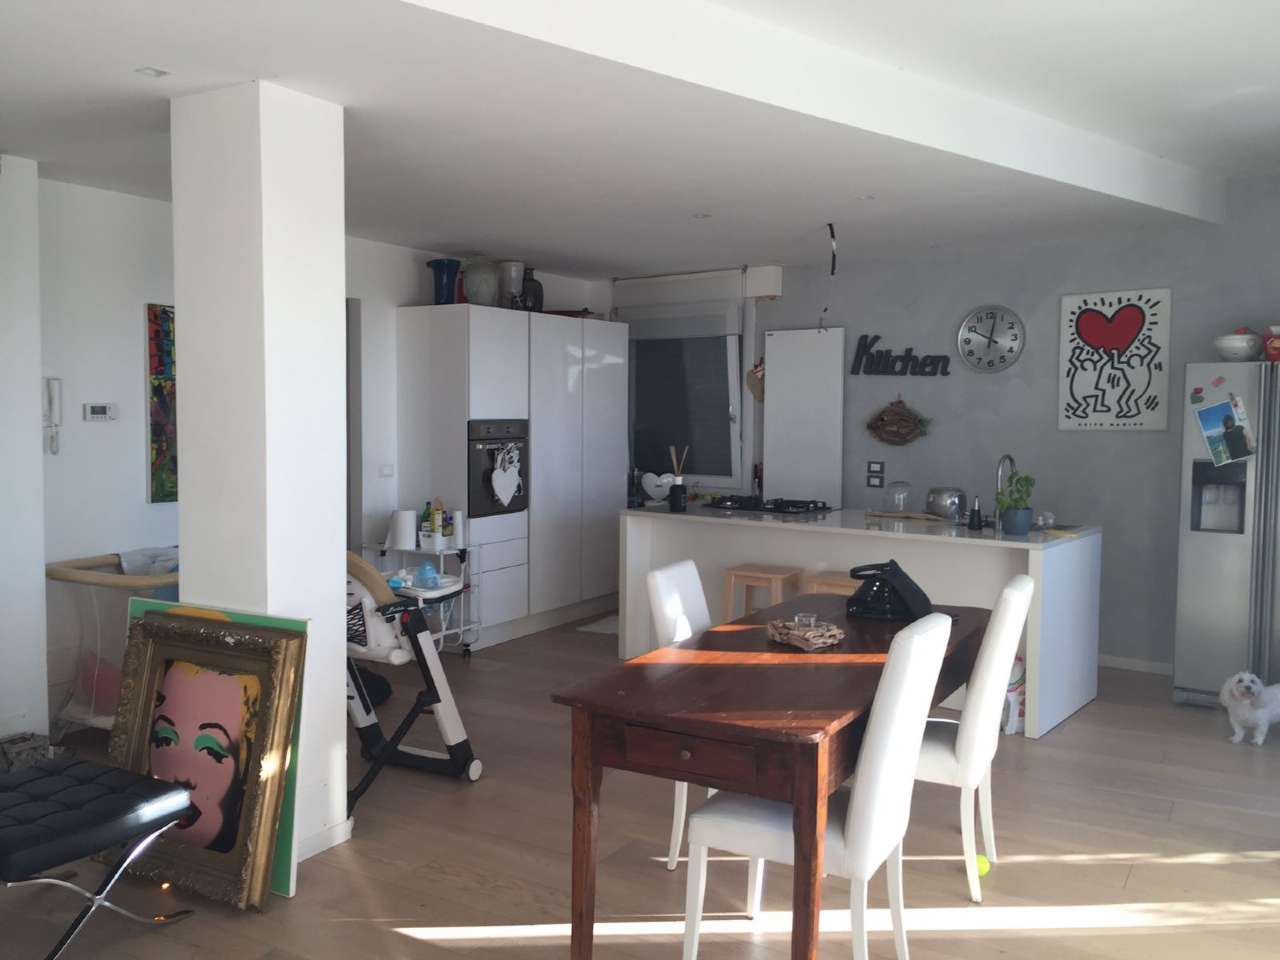 Appartamento in vendita a Venezia, 5 locali, zona Zona: 11 . Mestre, prezzo € 380.000 | Cambio Casa.it